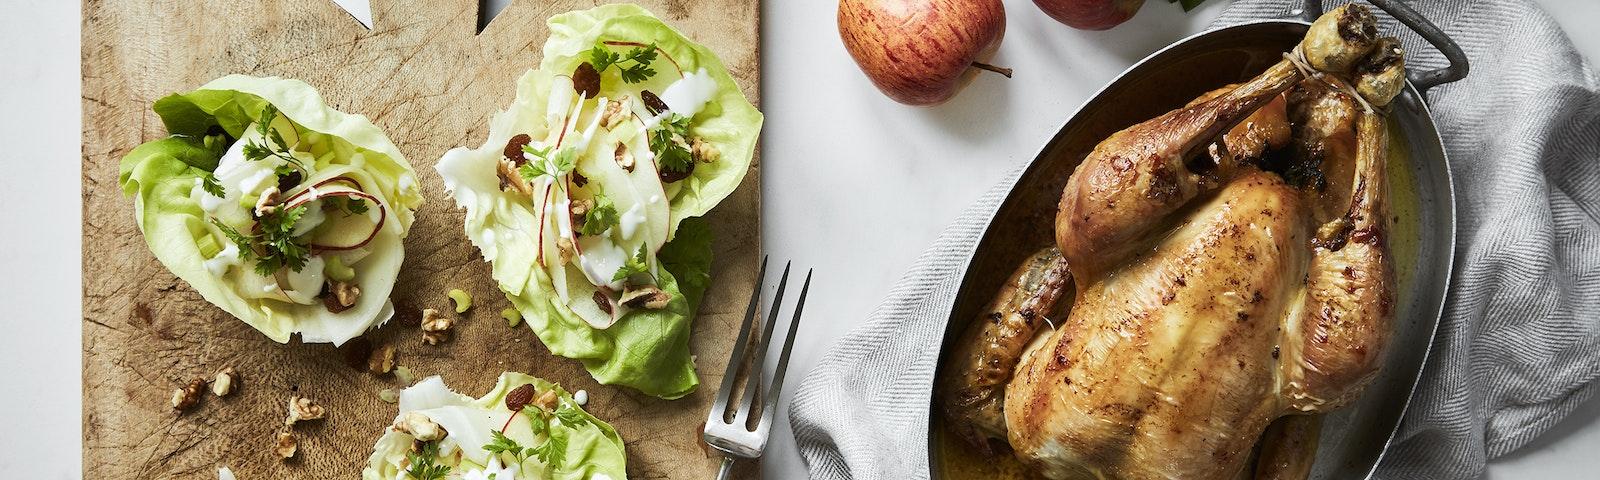 Ovnstegt kylling med waldorfsalat-skåle